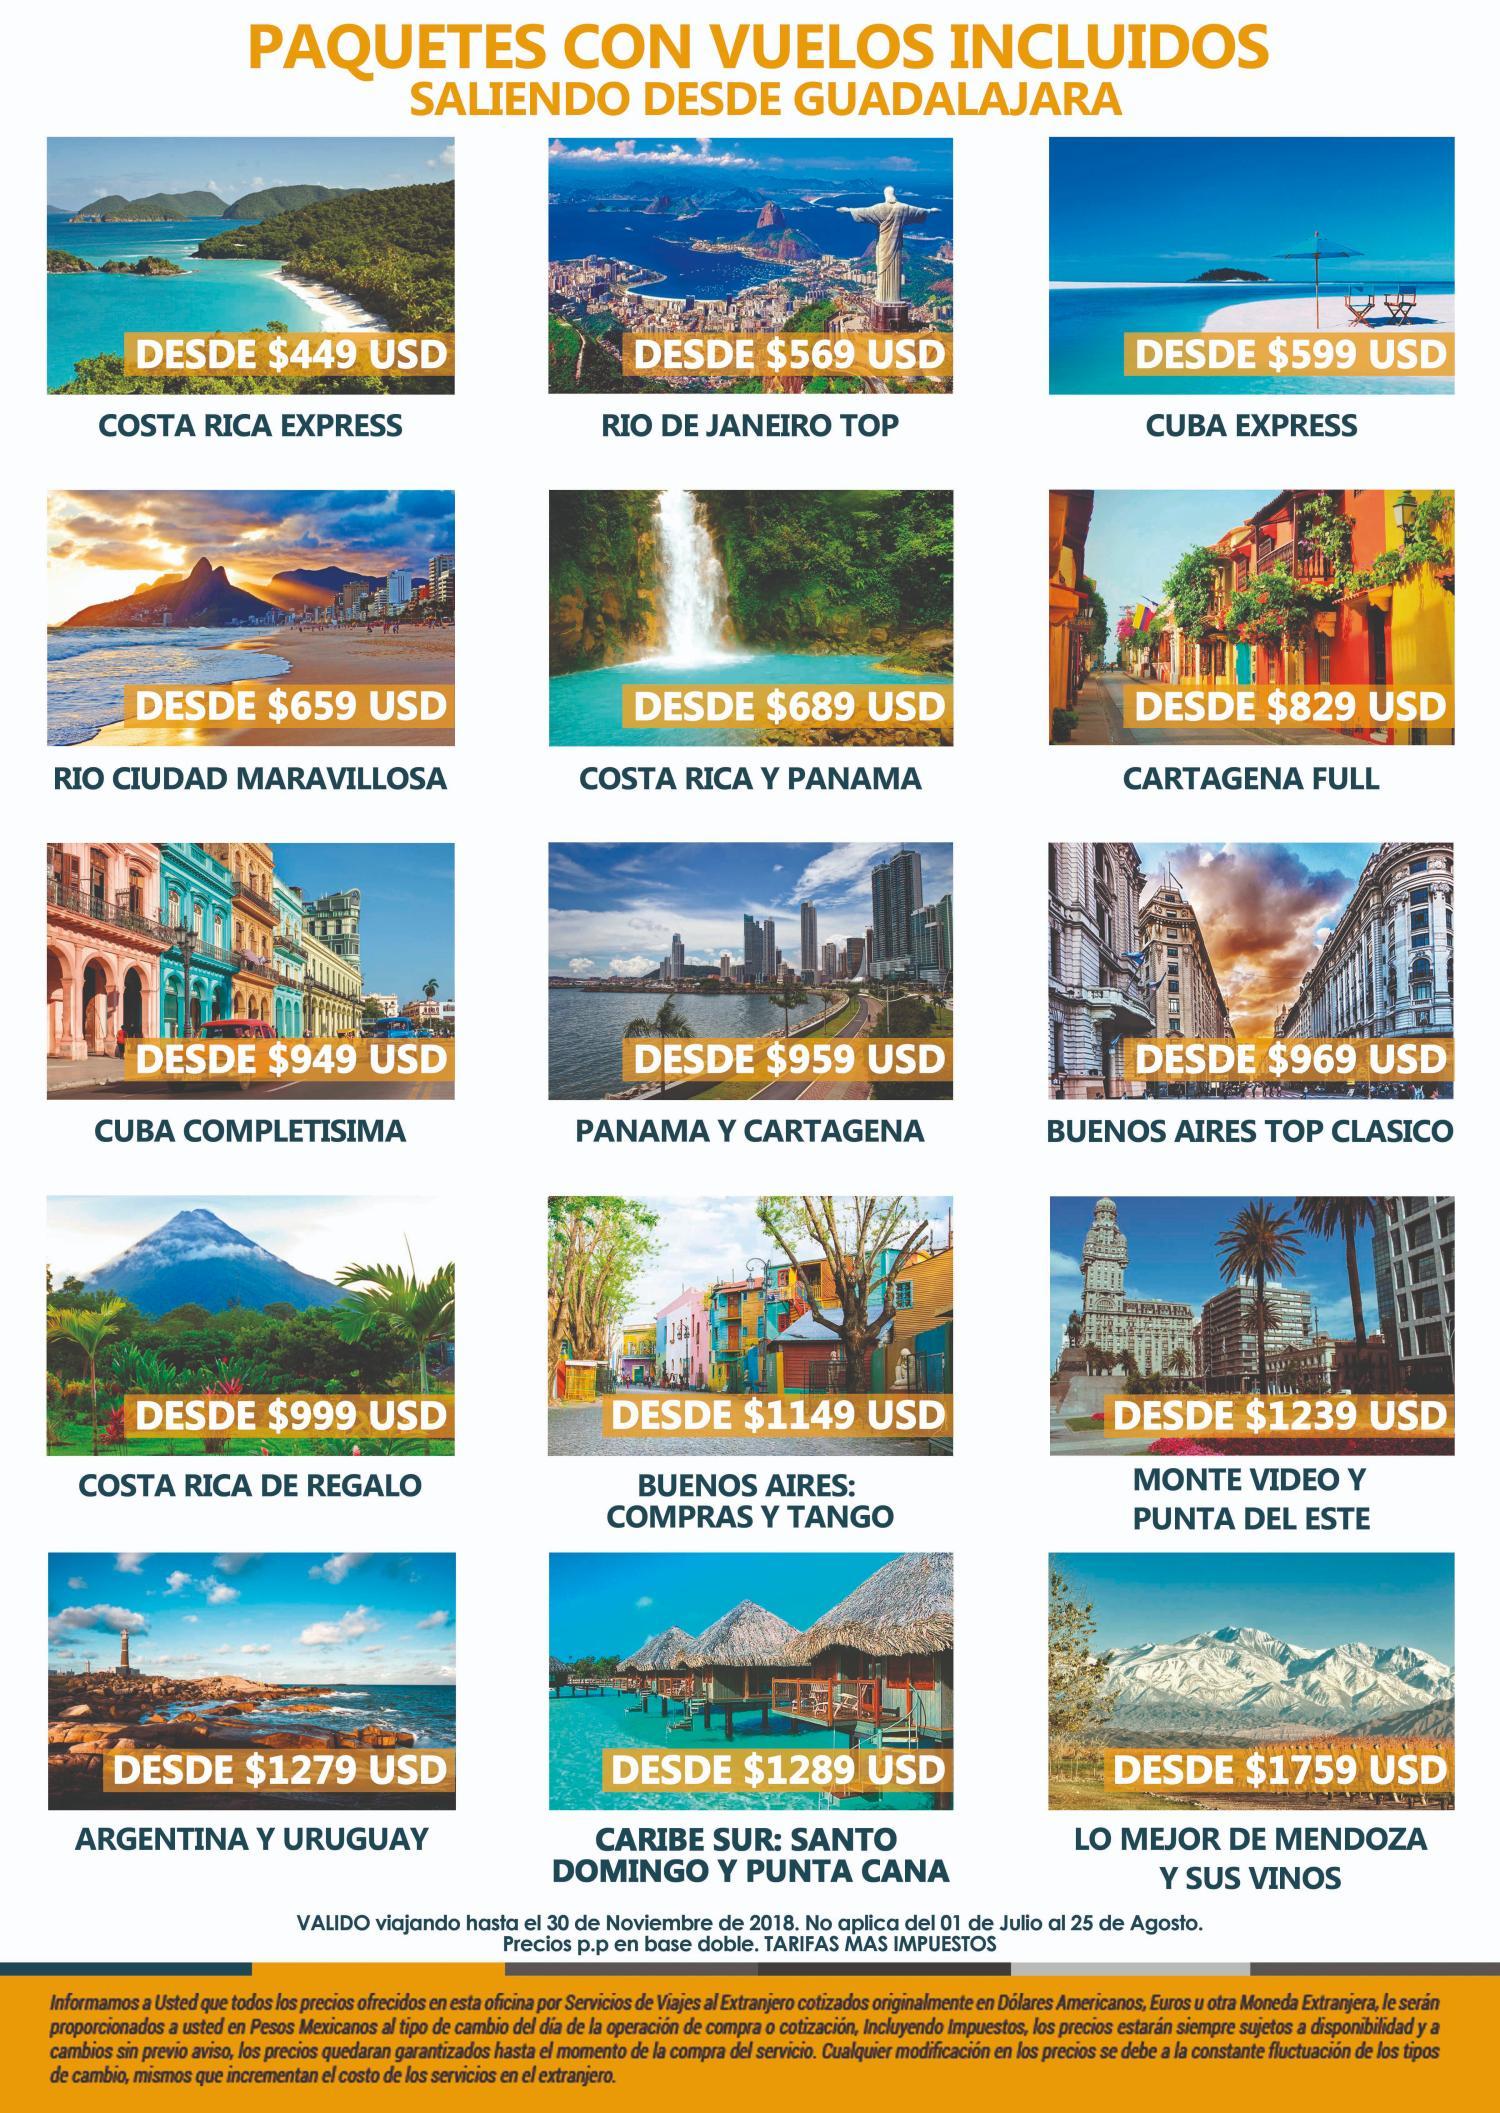 Paquetes con Vuelos desde Guadalajara